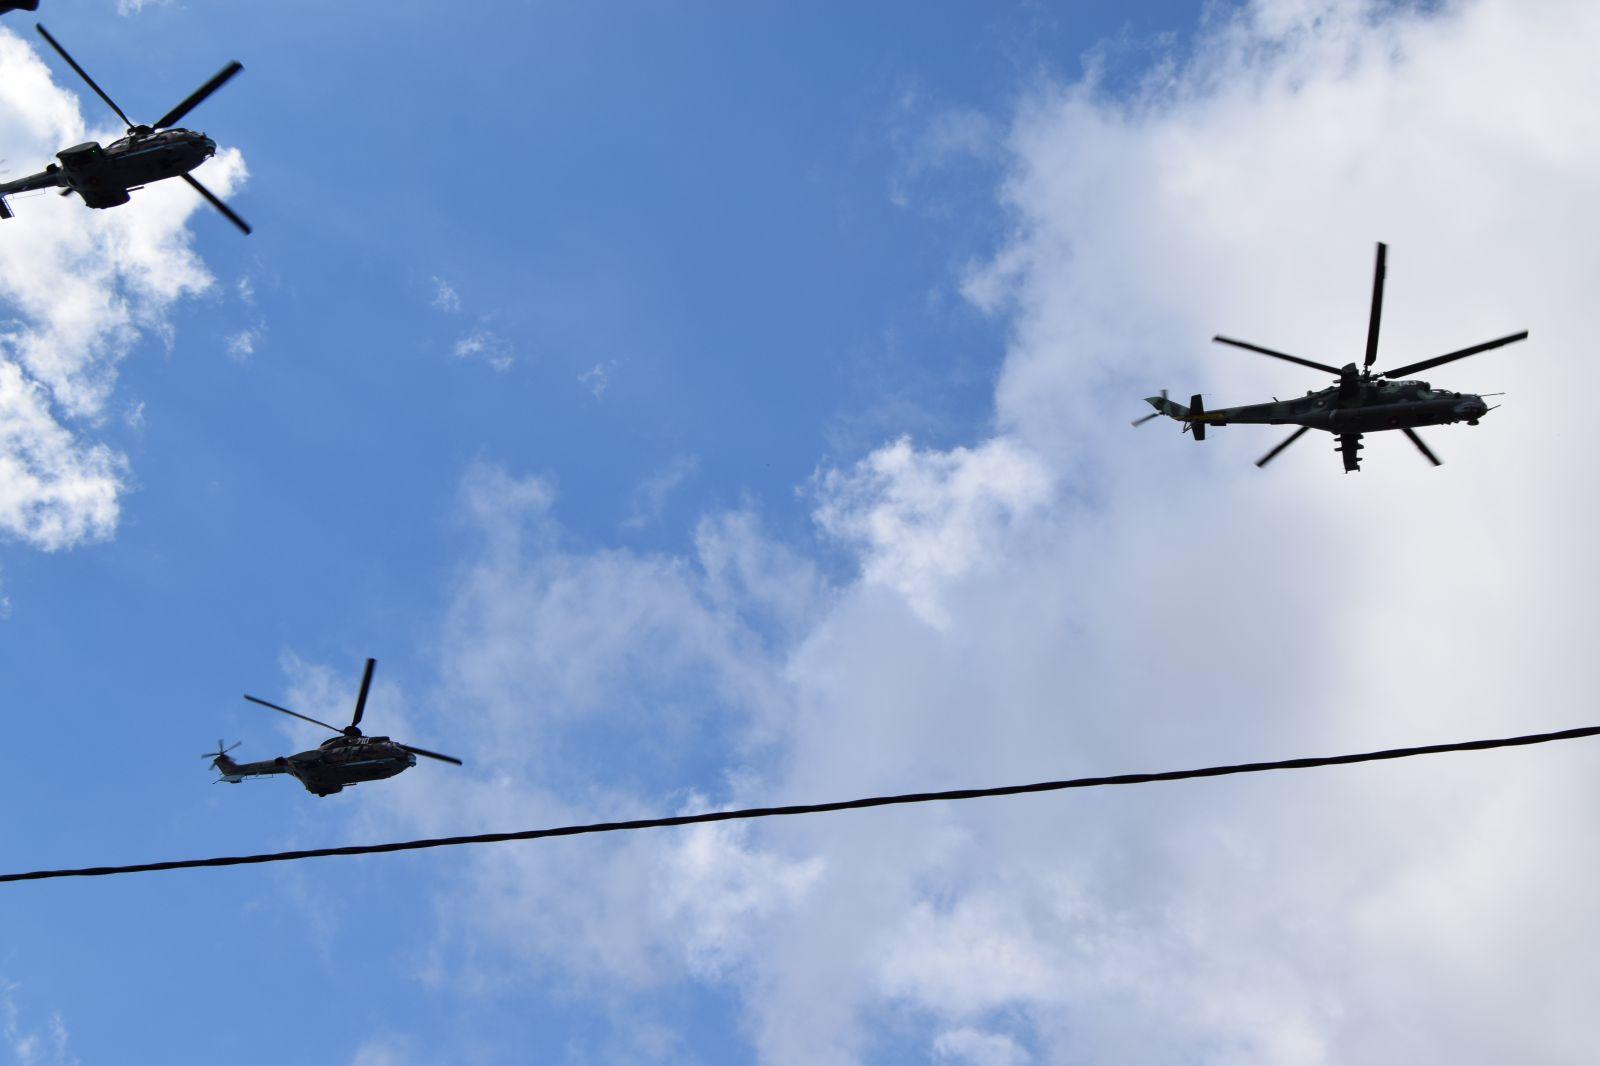 Парадът за 6 май 2019 г. - мащабен, с техника и авиация Част 2 Техниката на съвременната българска армия (Ексклузивна авиационна и автобронетанкова галерия)